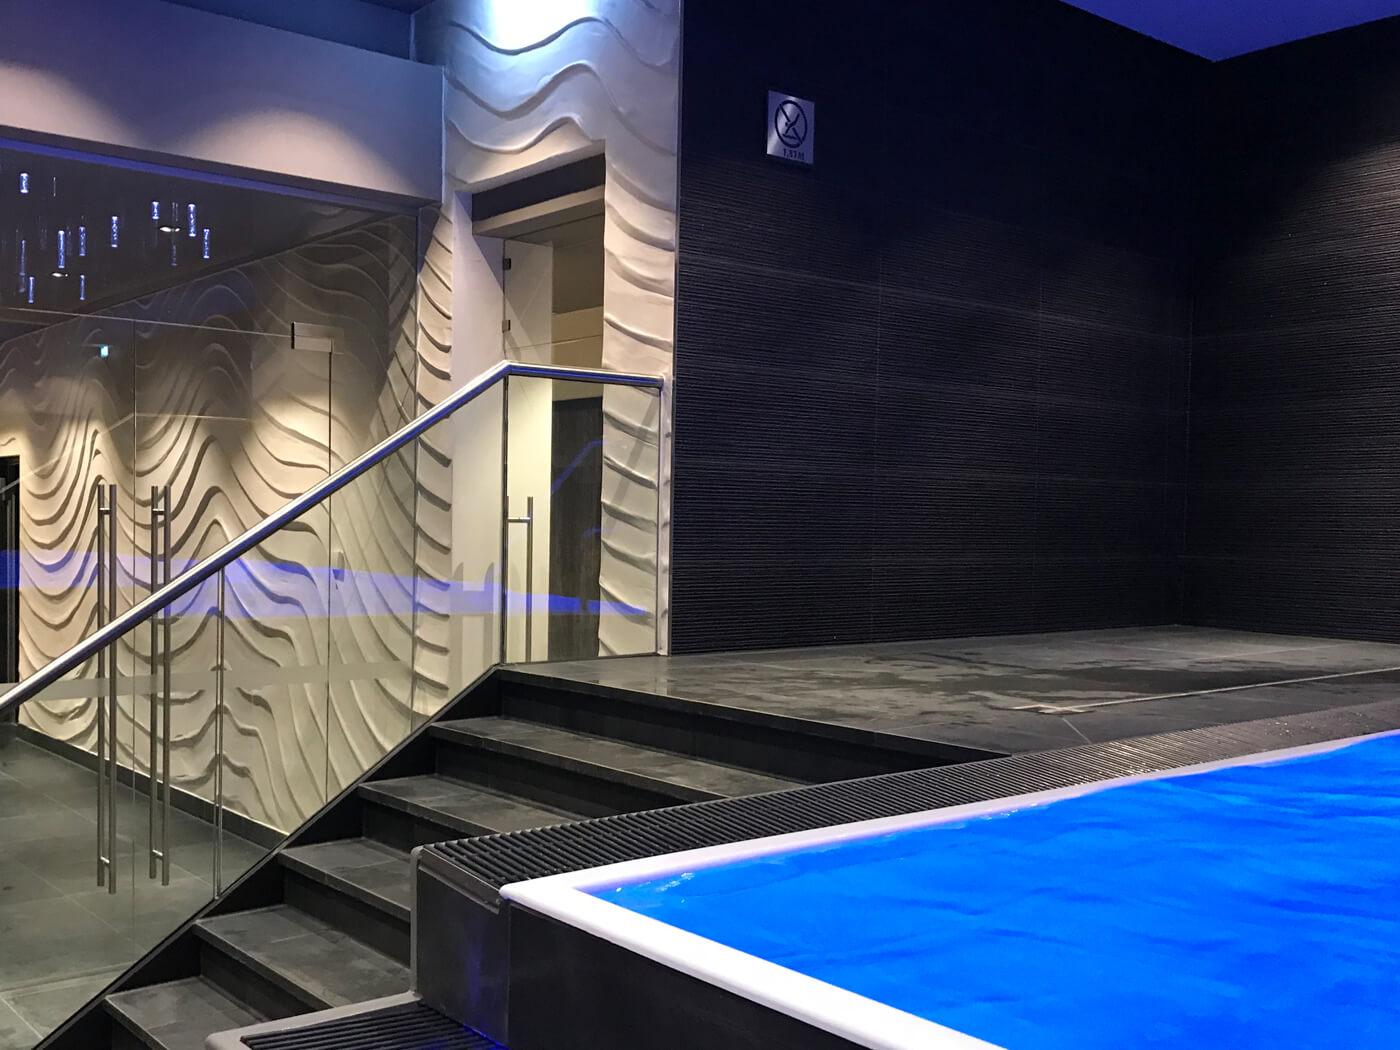 Hotel design Van der valk Utrecht